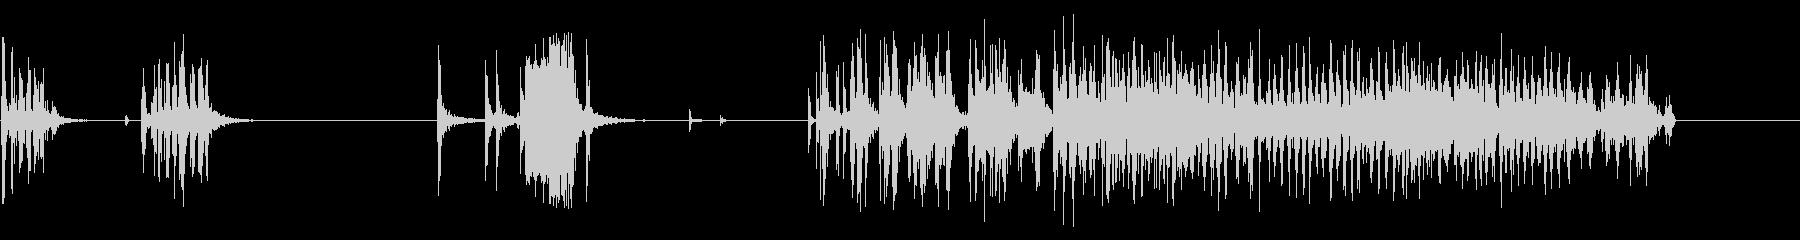 【生音】長めにテープを剥がす音の未再生の波形